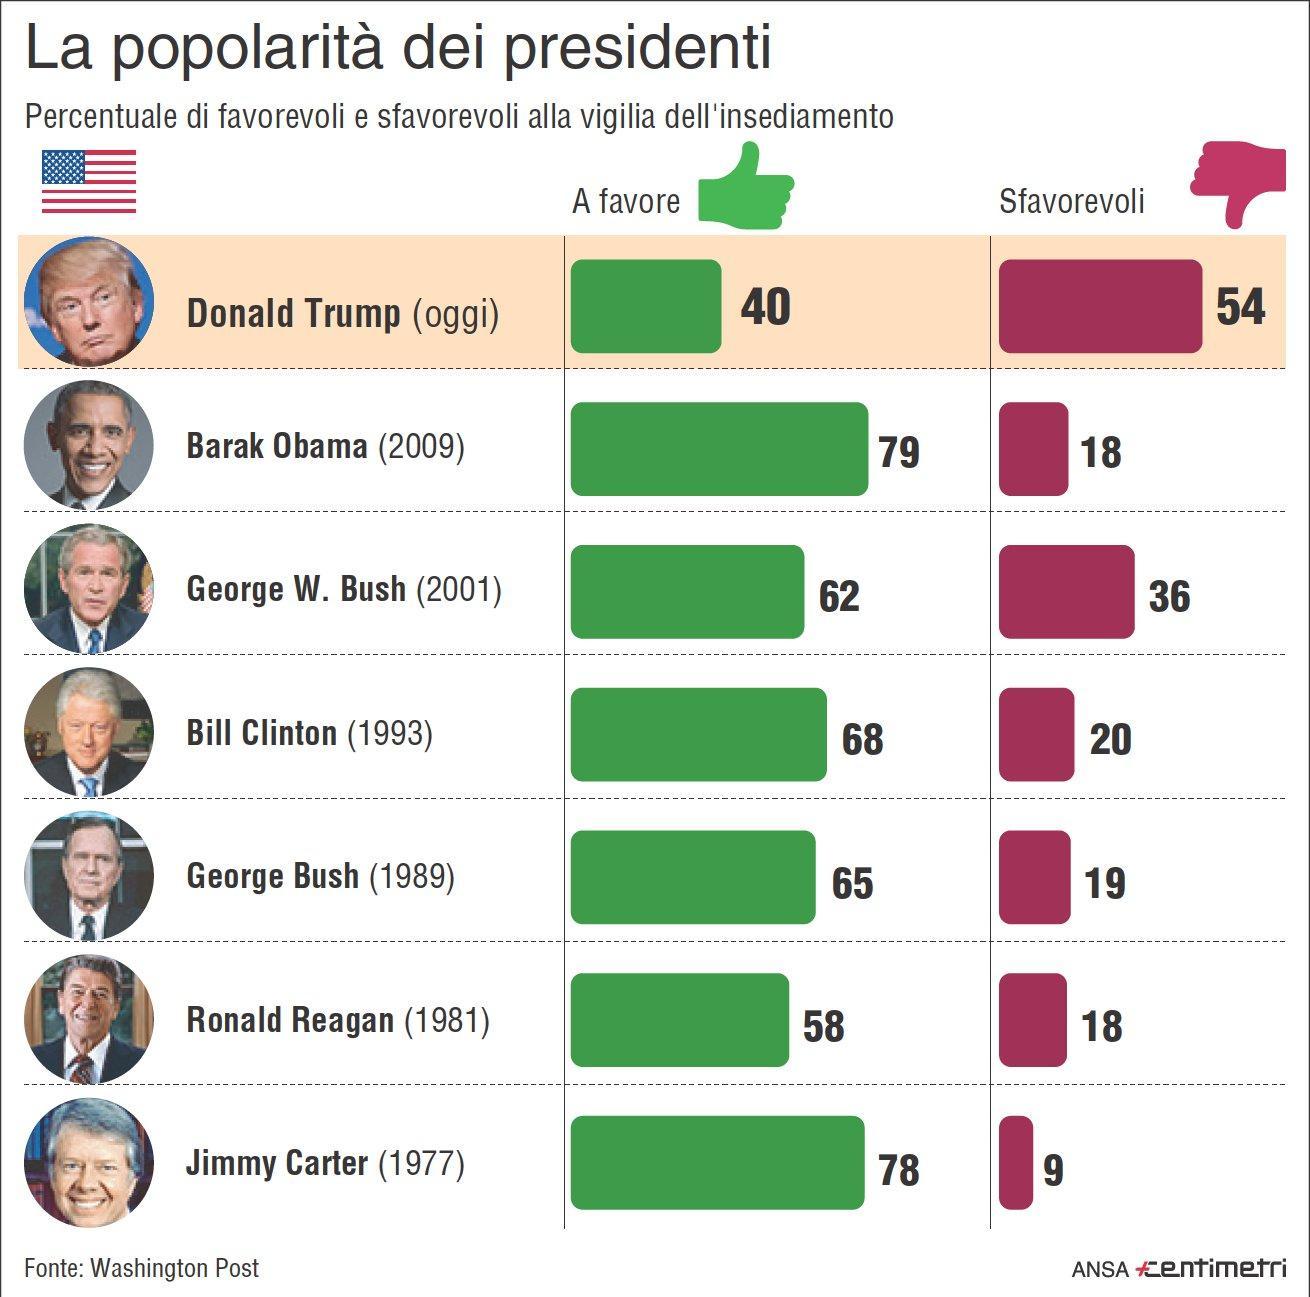 Trump, il più impopolare tra i presidenti alla vigilia dell insediamento